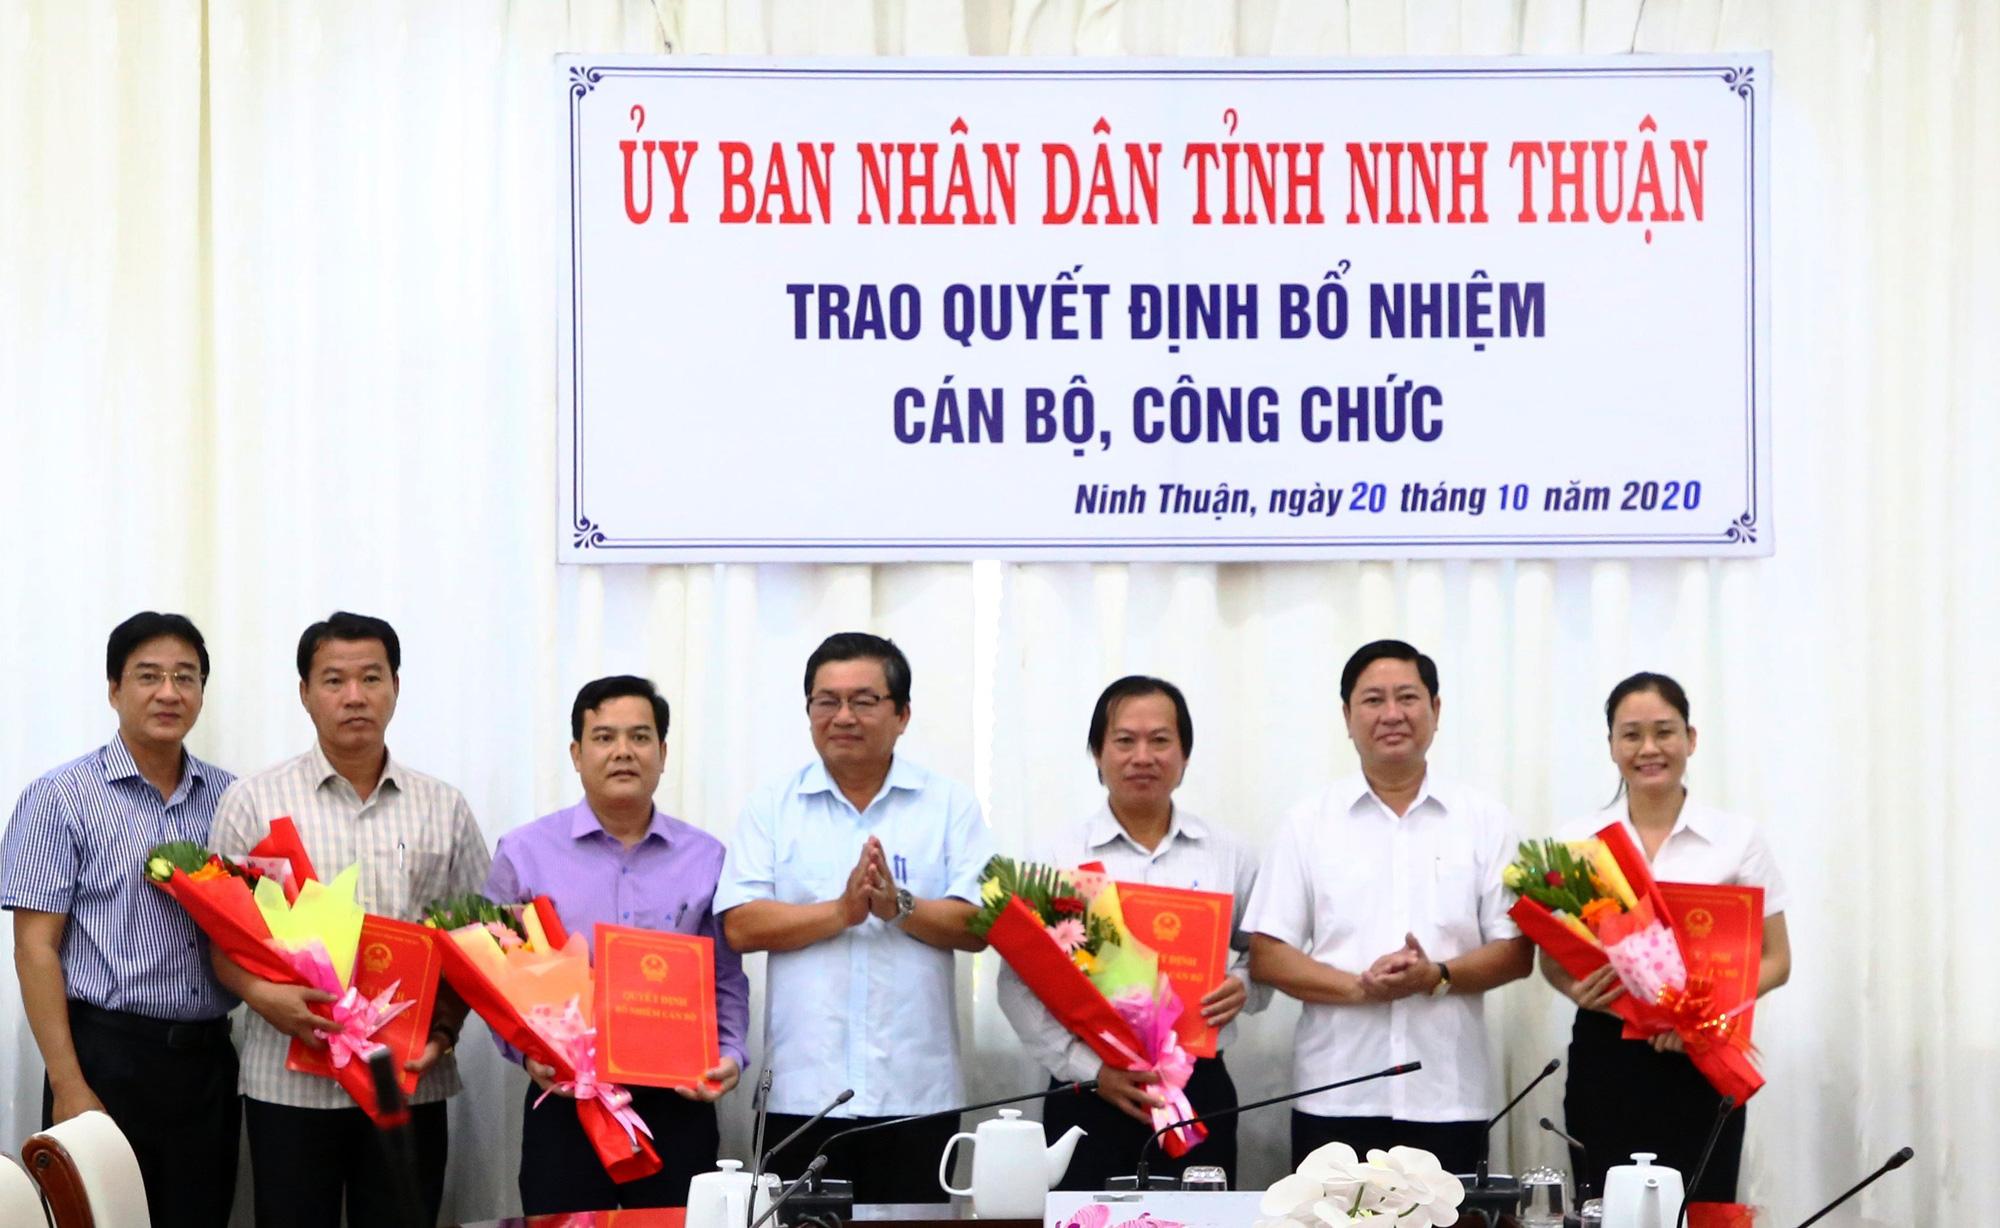 Ninh Thuận: Bổ nhiệm, điều động nhiều lãnh đạo chủ chốt - Ảnh 1.